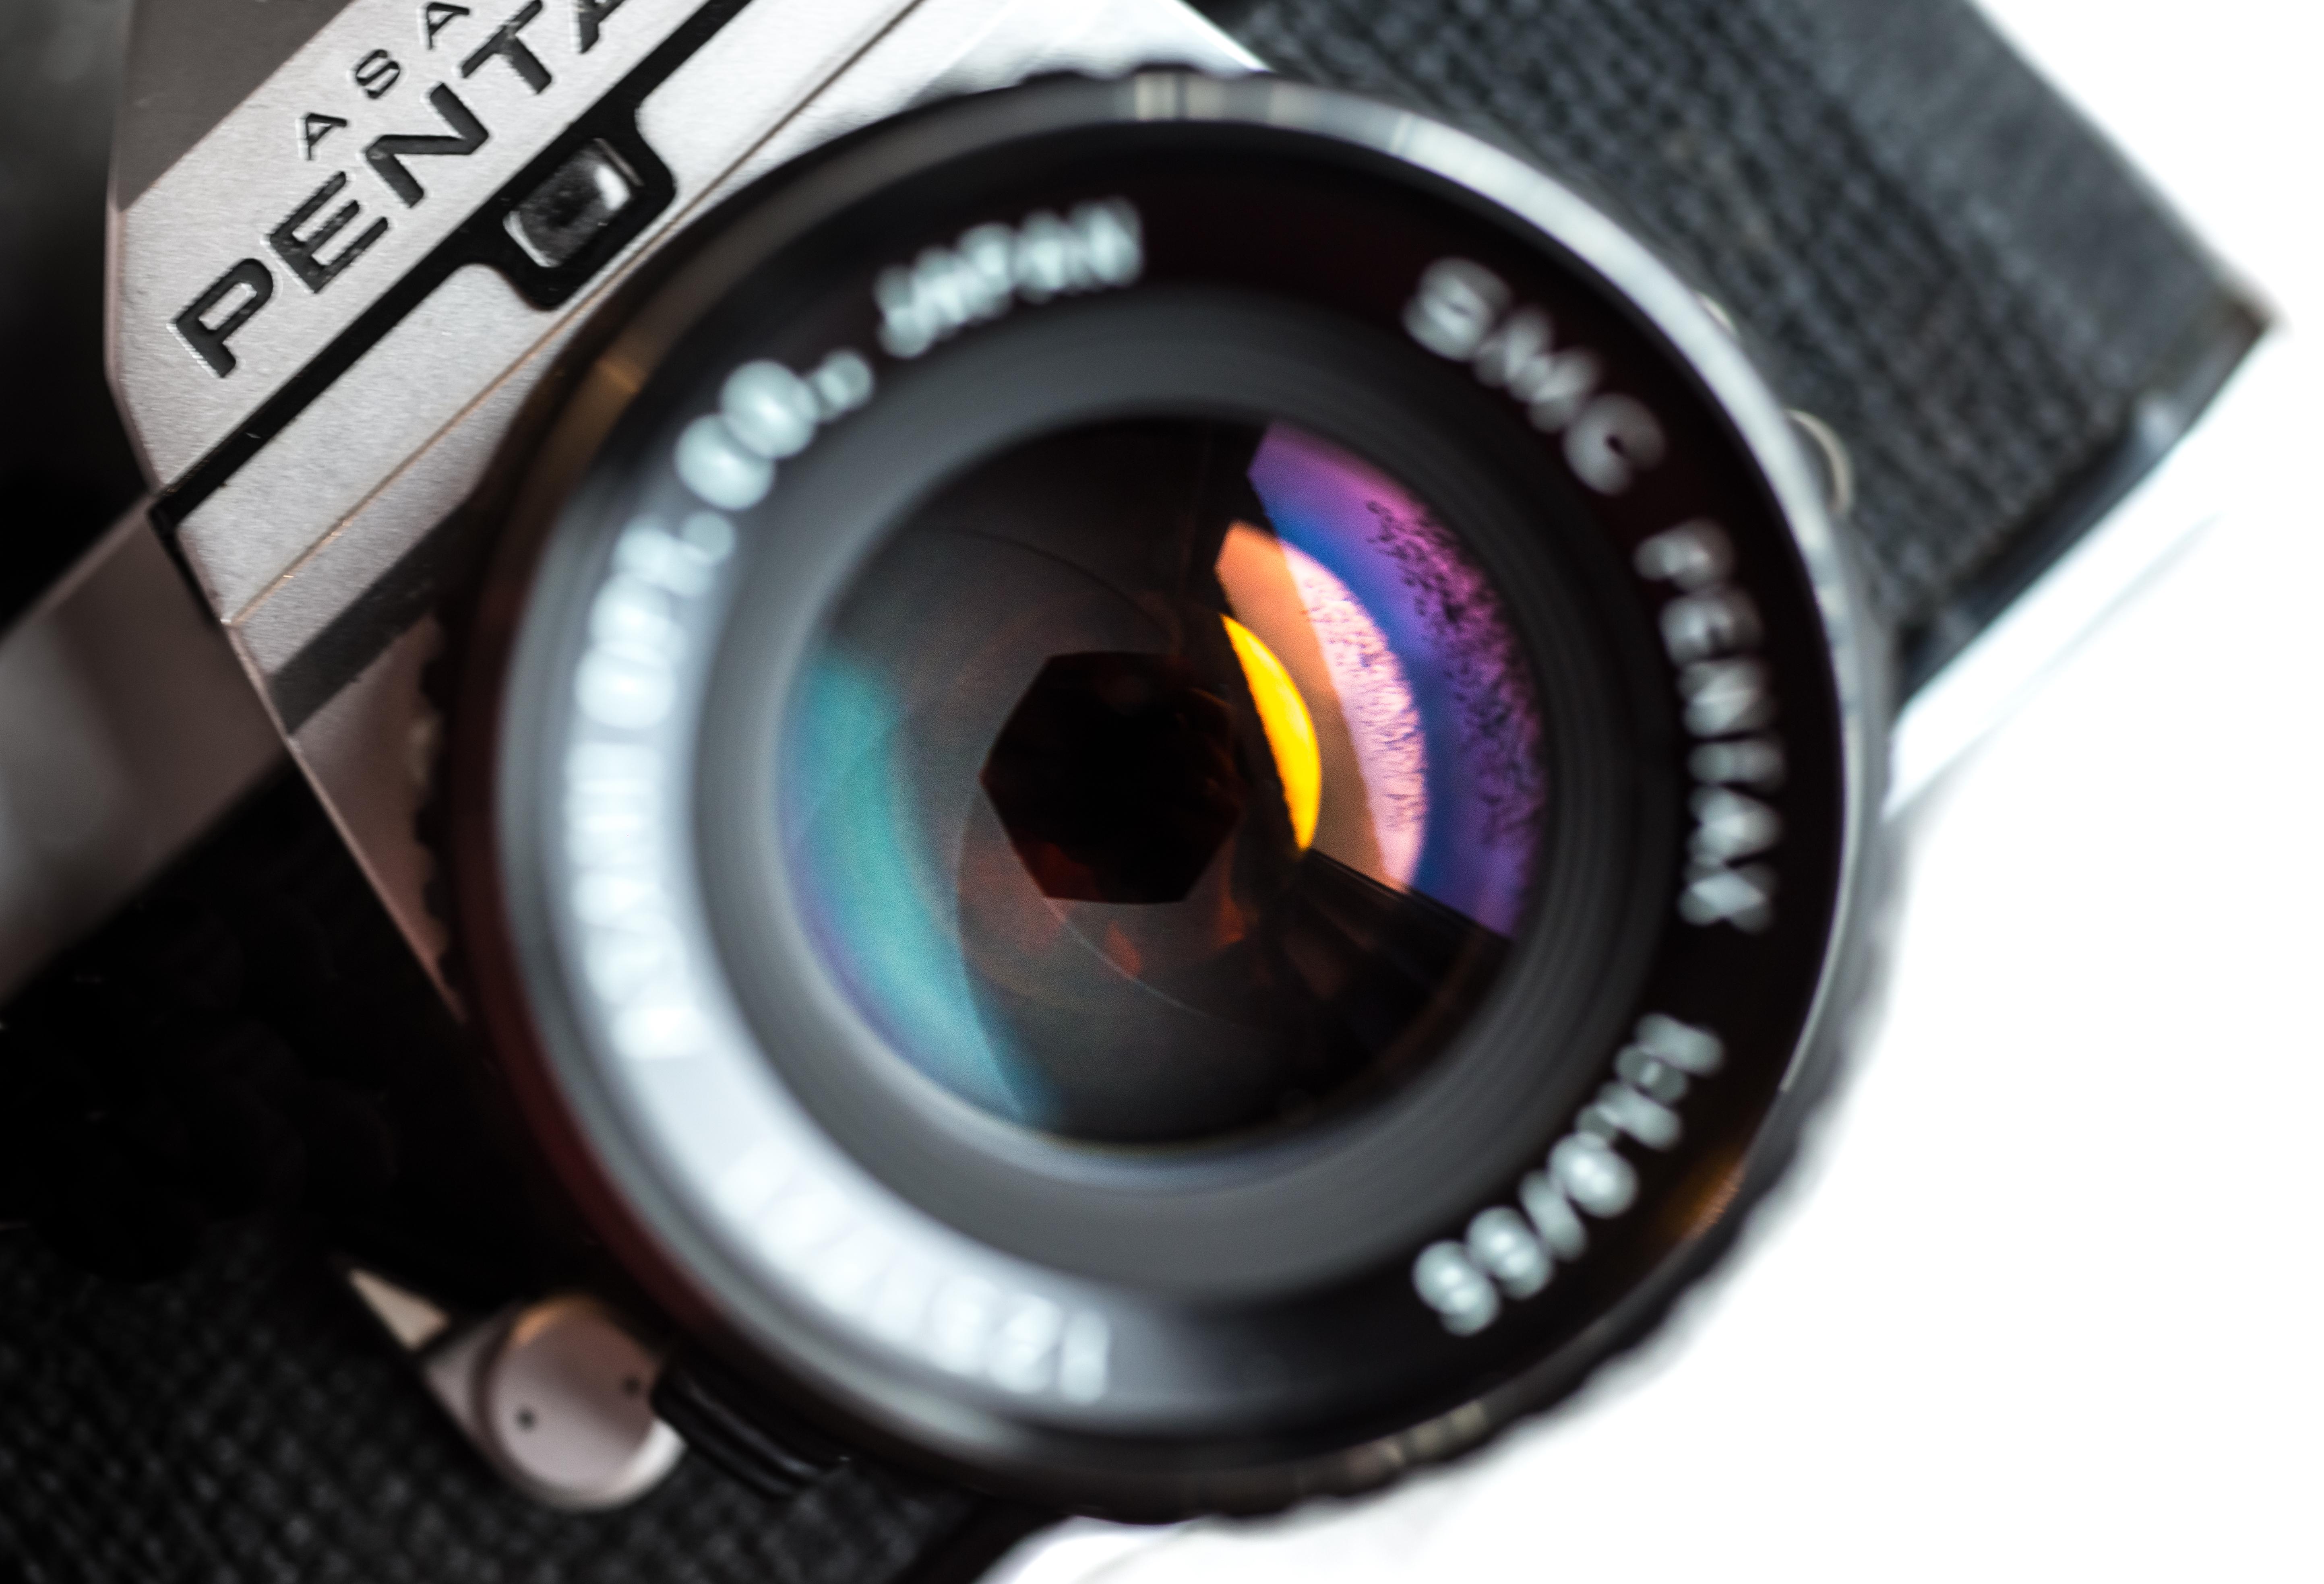 Entfernungsmesser Fotografie : Kostenloses foto zum thema analog ausrüstung entfernungsmesser